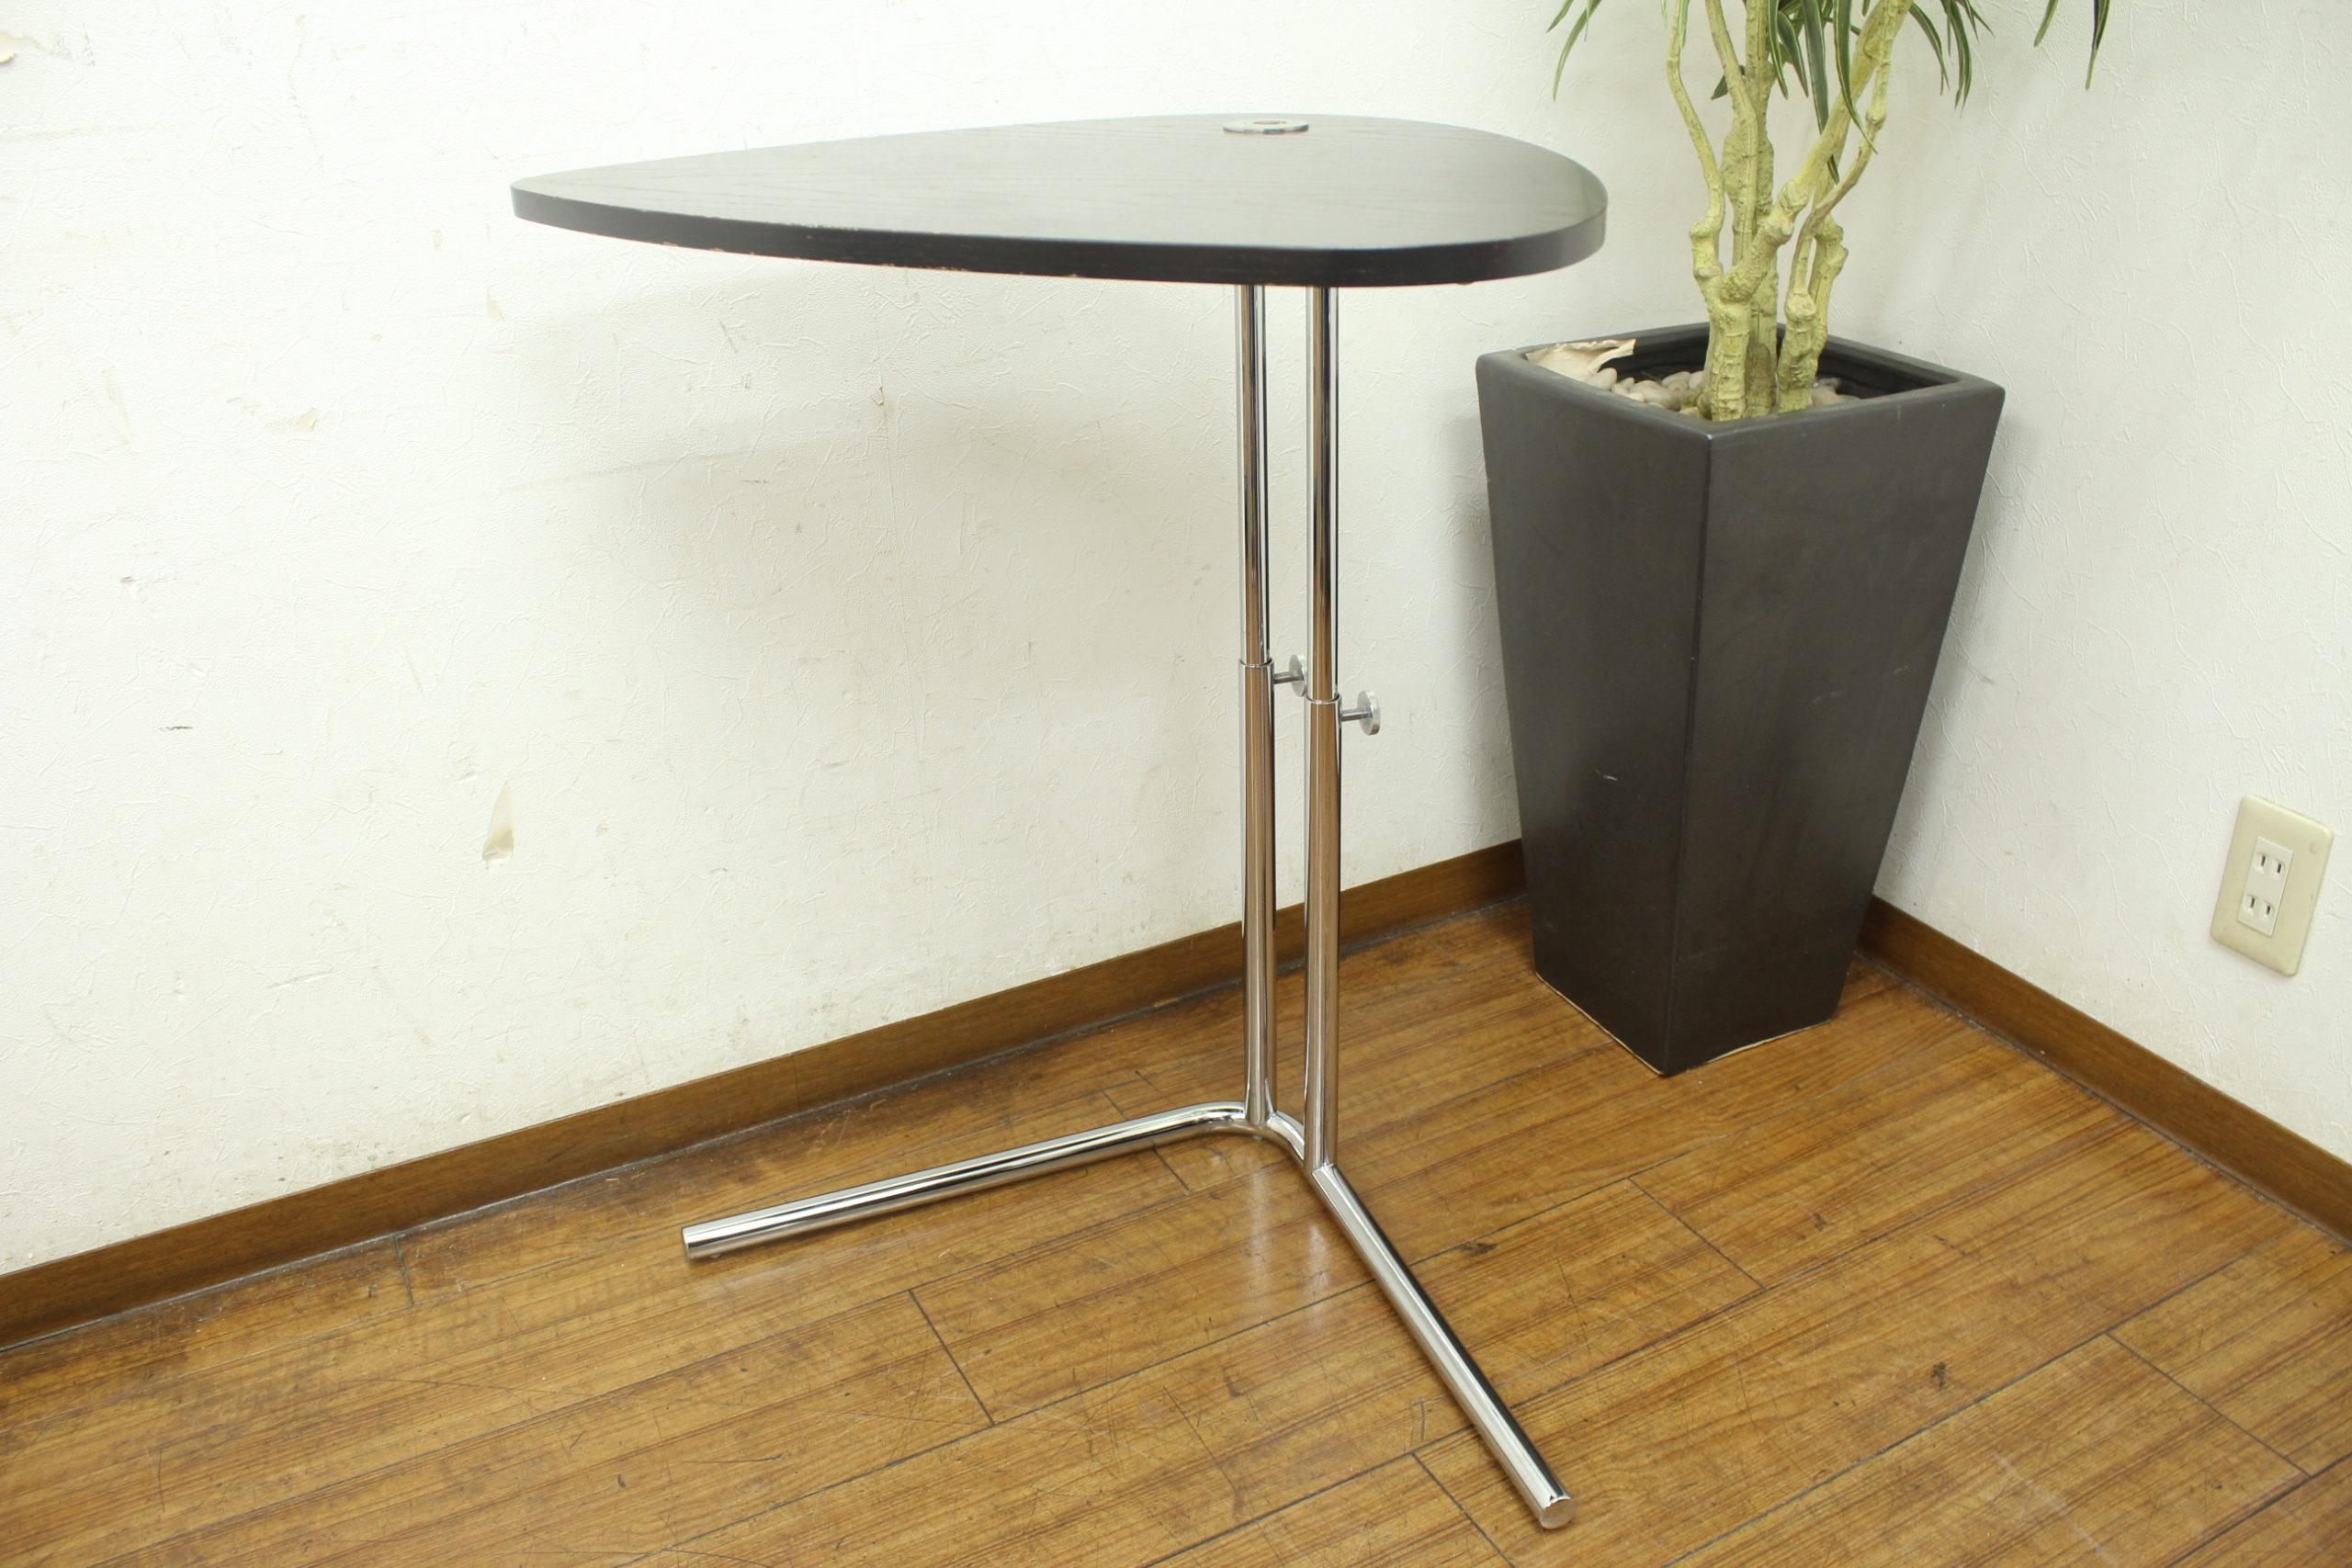 (福岡市西区)ACTUS アクタス TECTA テクタ K22 SIDE TABLE サイドテーブル ブランド家具 デザイナーズ家具 買取致します♪の買取-